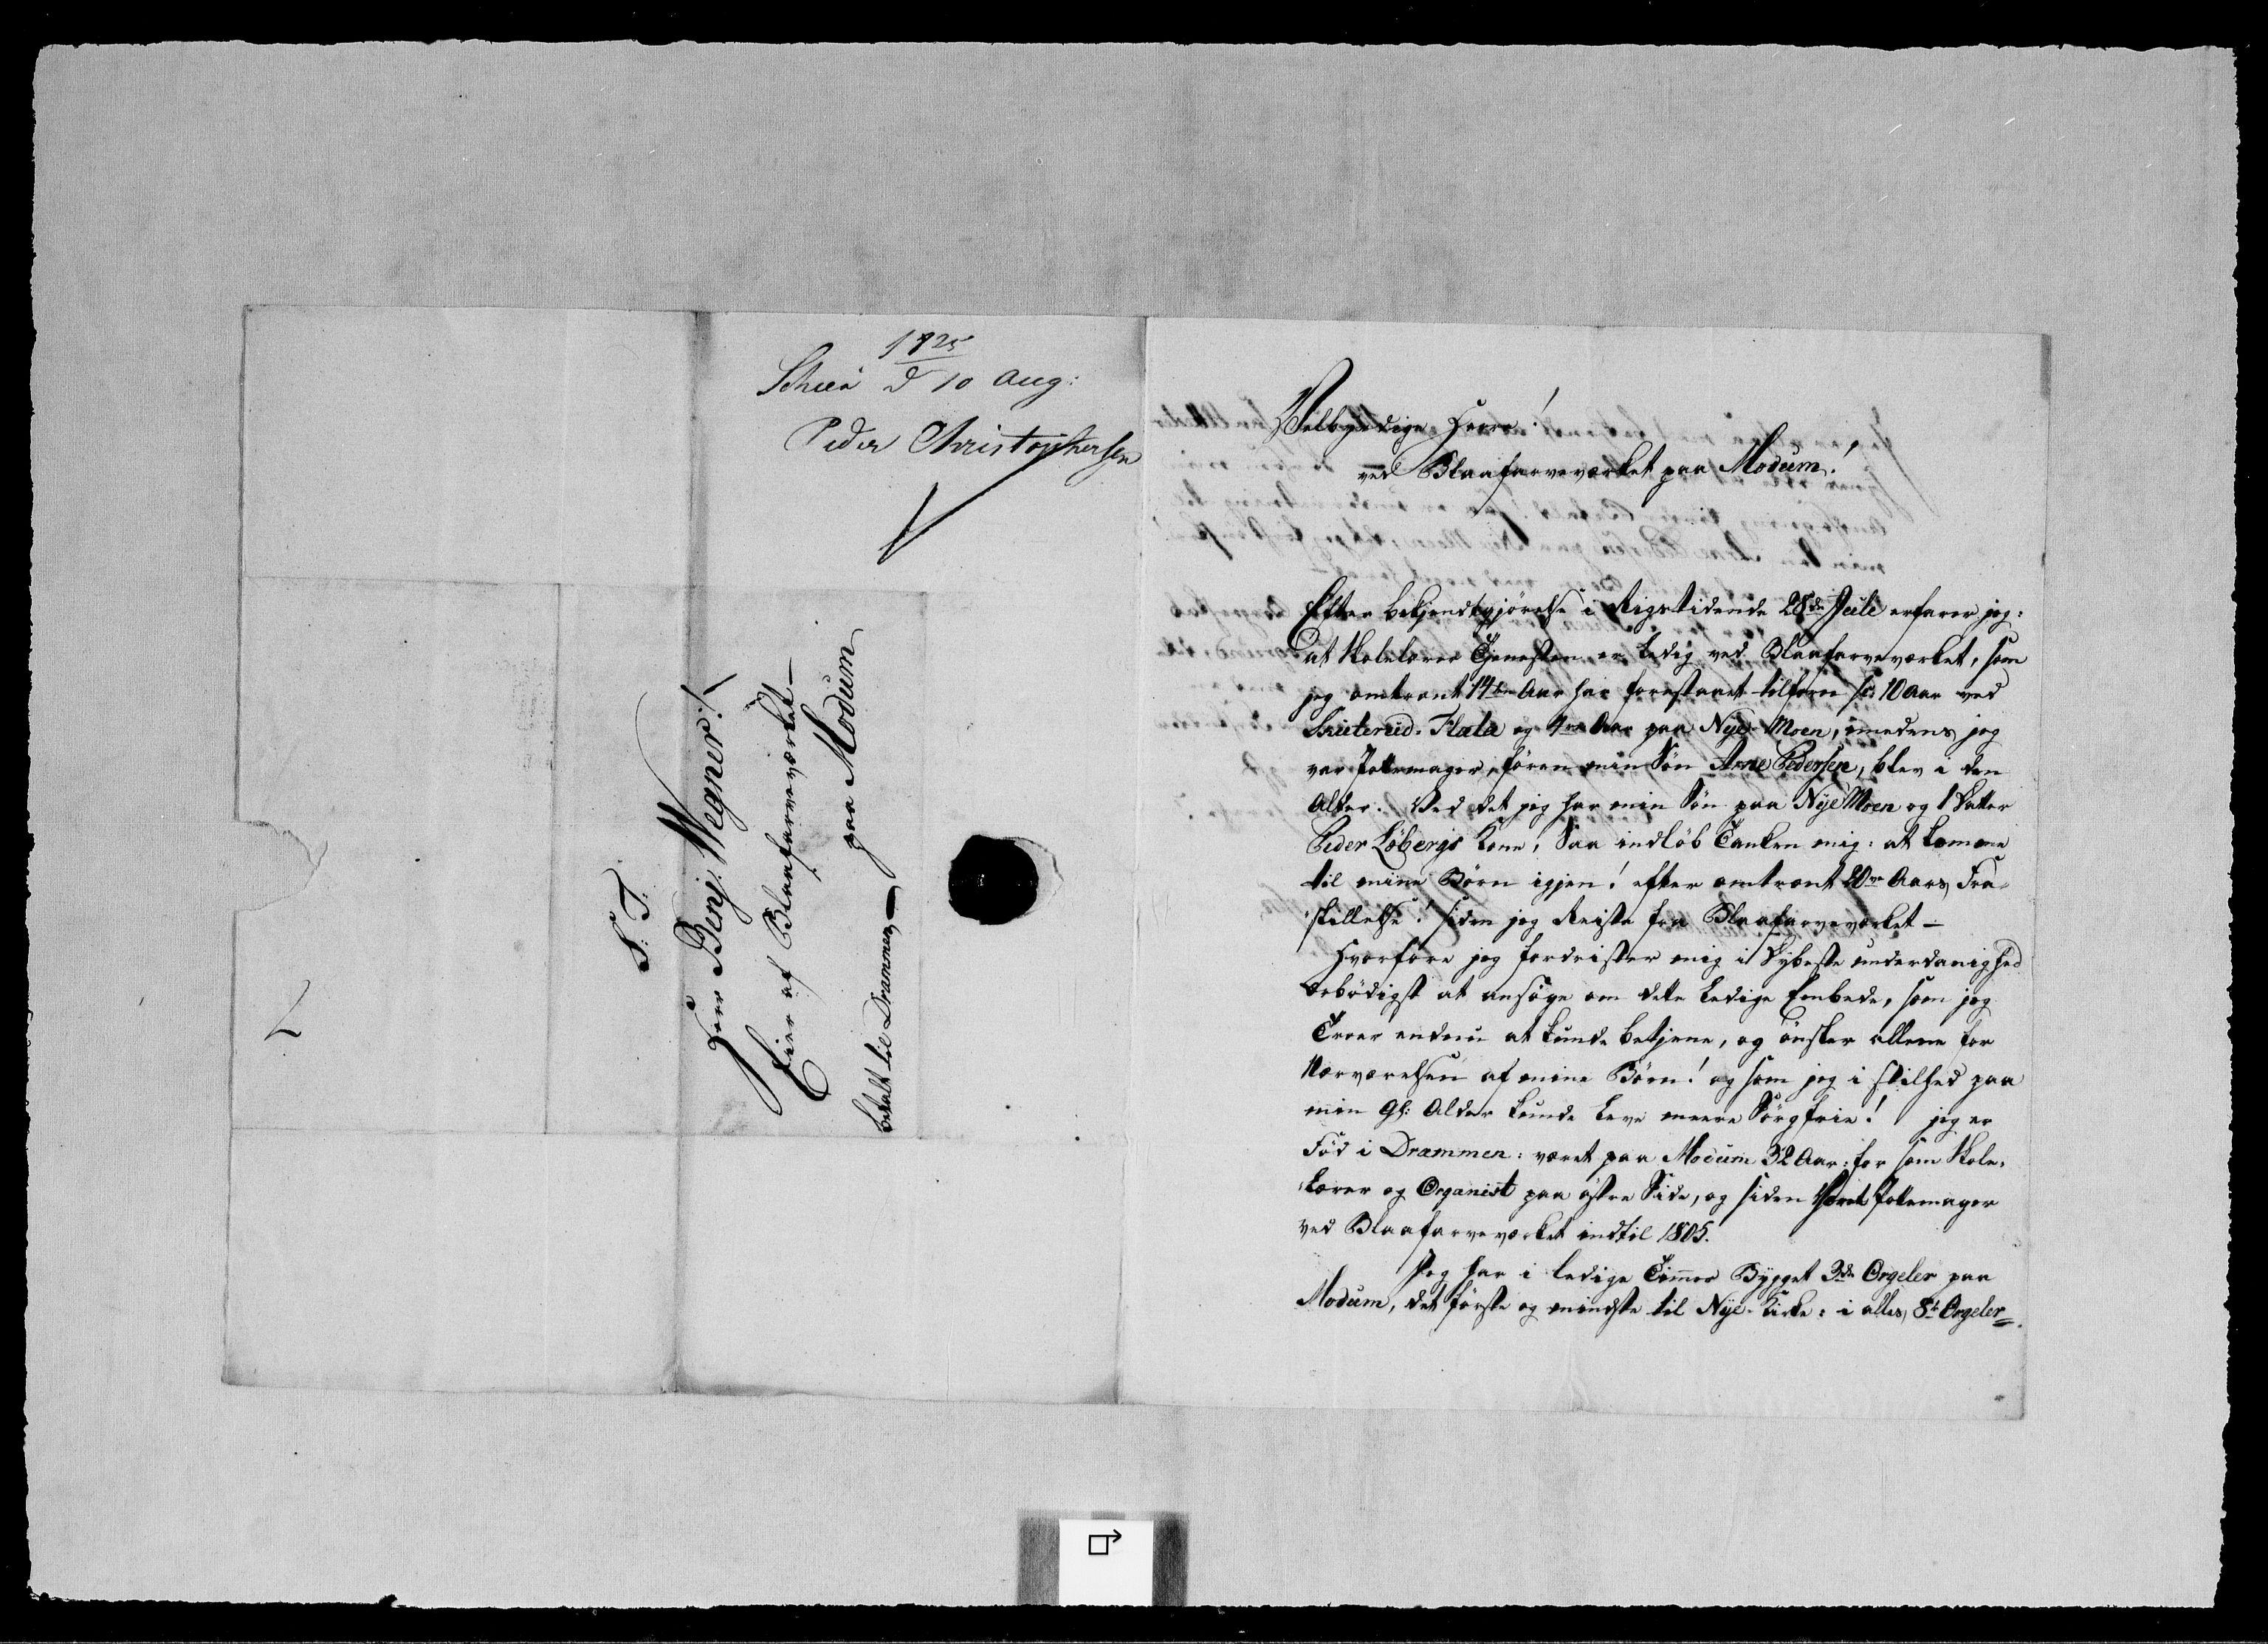 RA, Modums Blaafarveværk, G/Gb/L0095, 1825-1826, s. 161